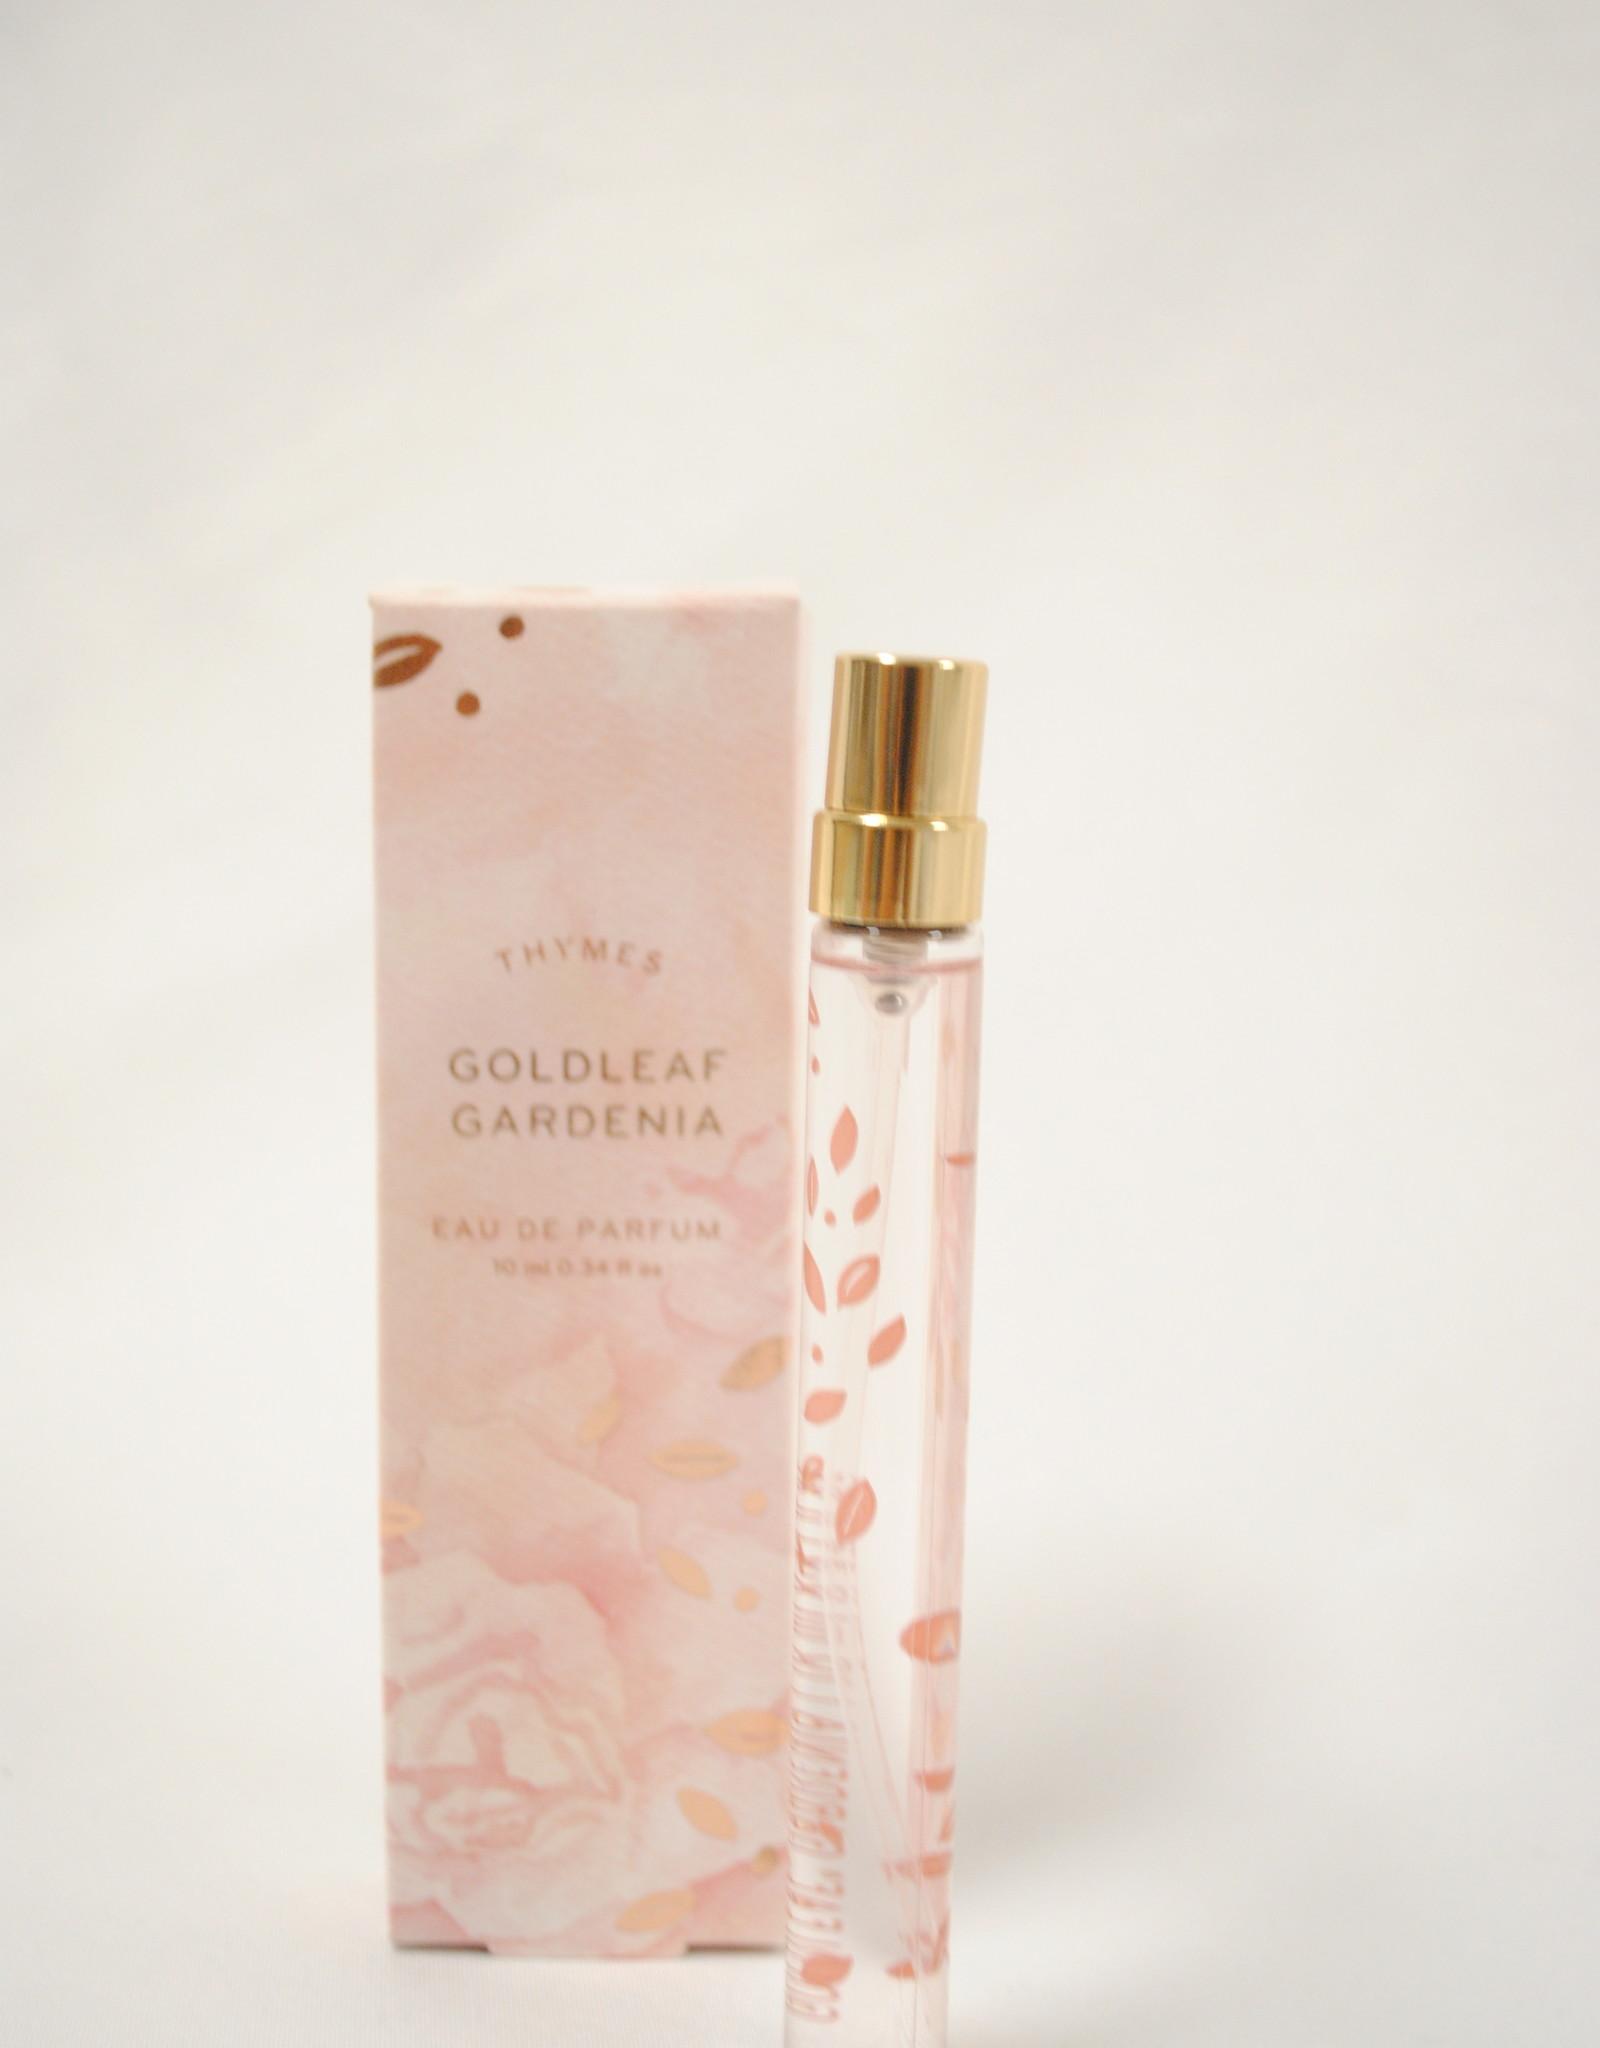 Thymes Goldleaf Gardenia Perfume